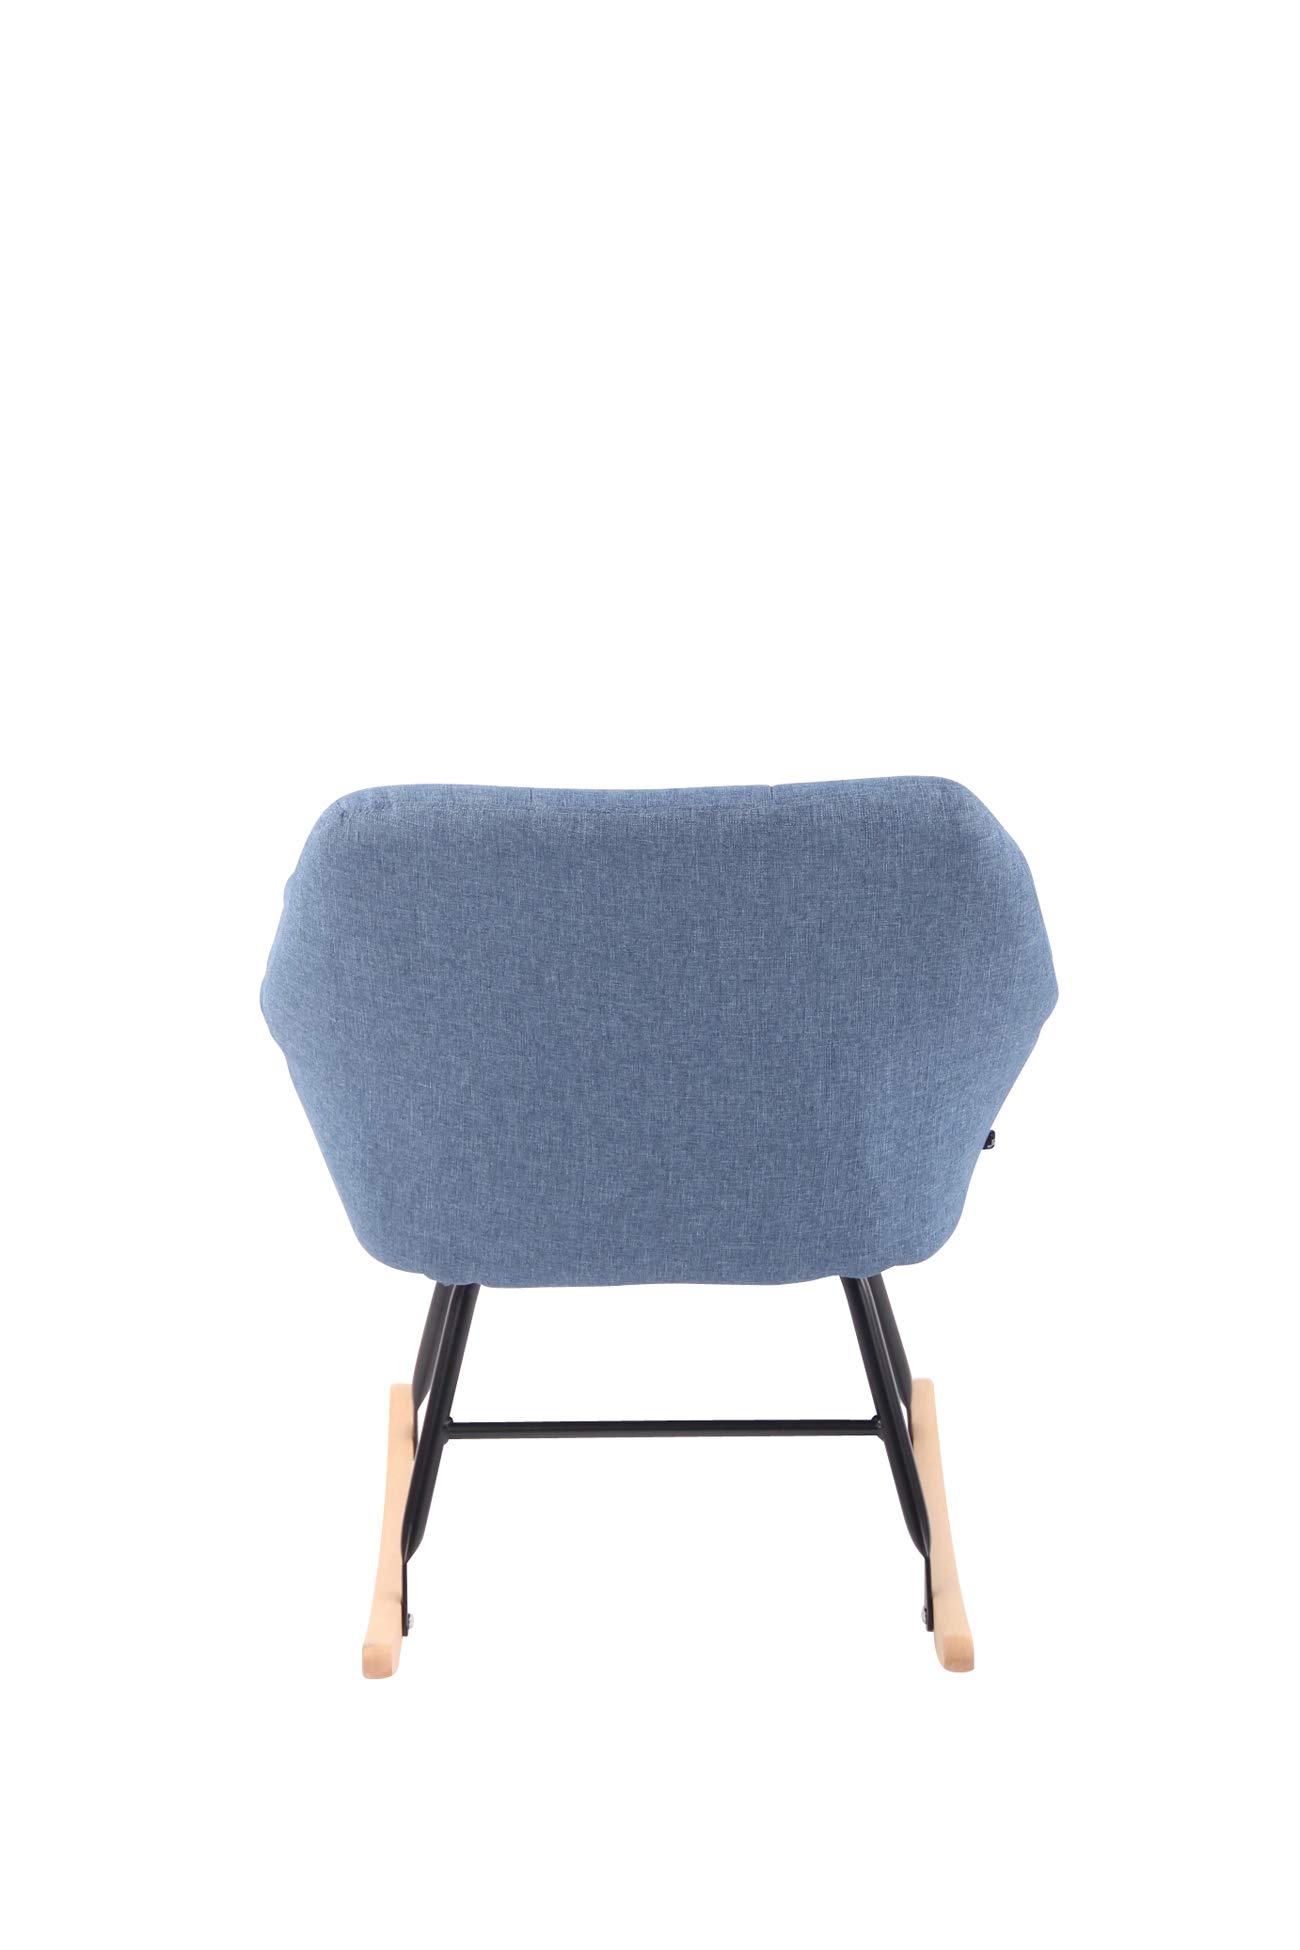 CLP Sedia a Dondolo Design Cabot in Tessuto Poltrona Oscillante Deco Grigio Poltrona Dondolo Relax Imbottita Design Scandinavo